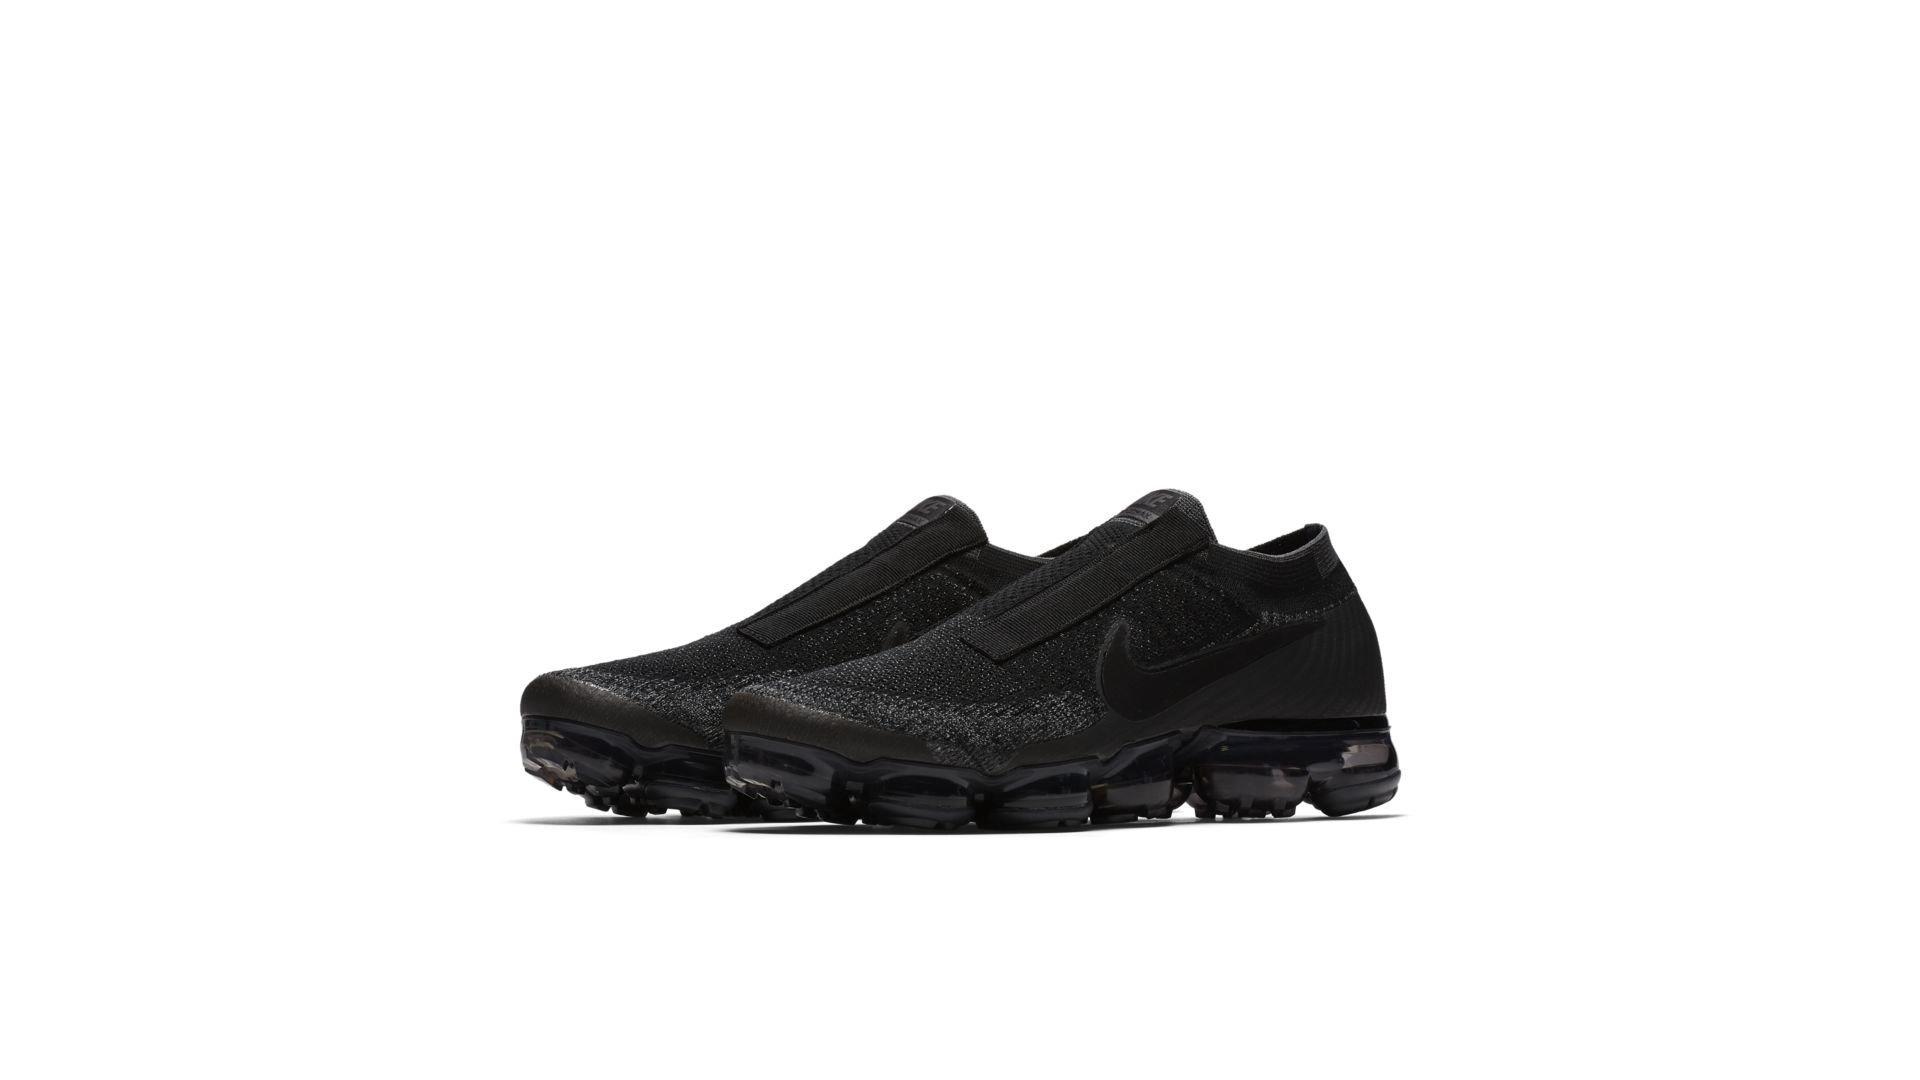 Nike Air VaporMax AQ0581-001